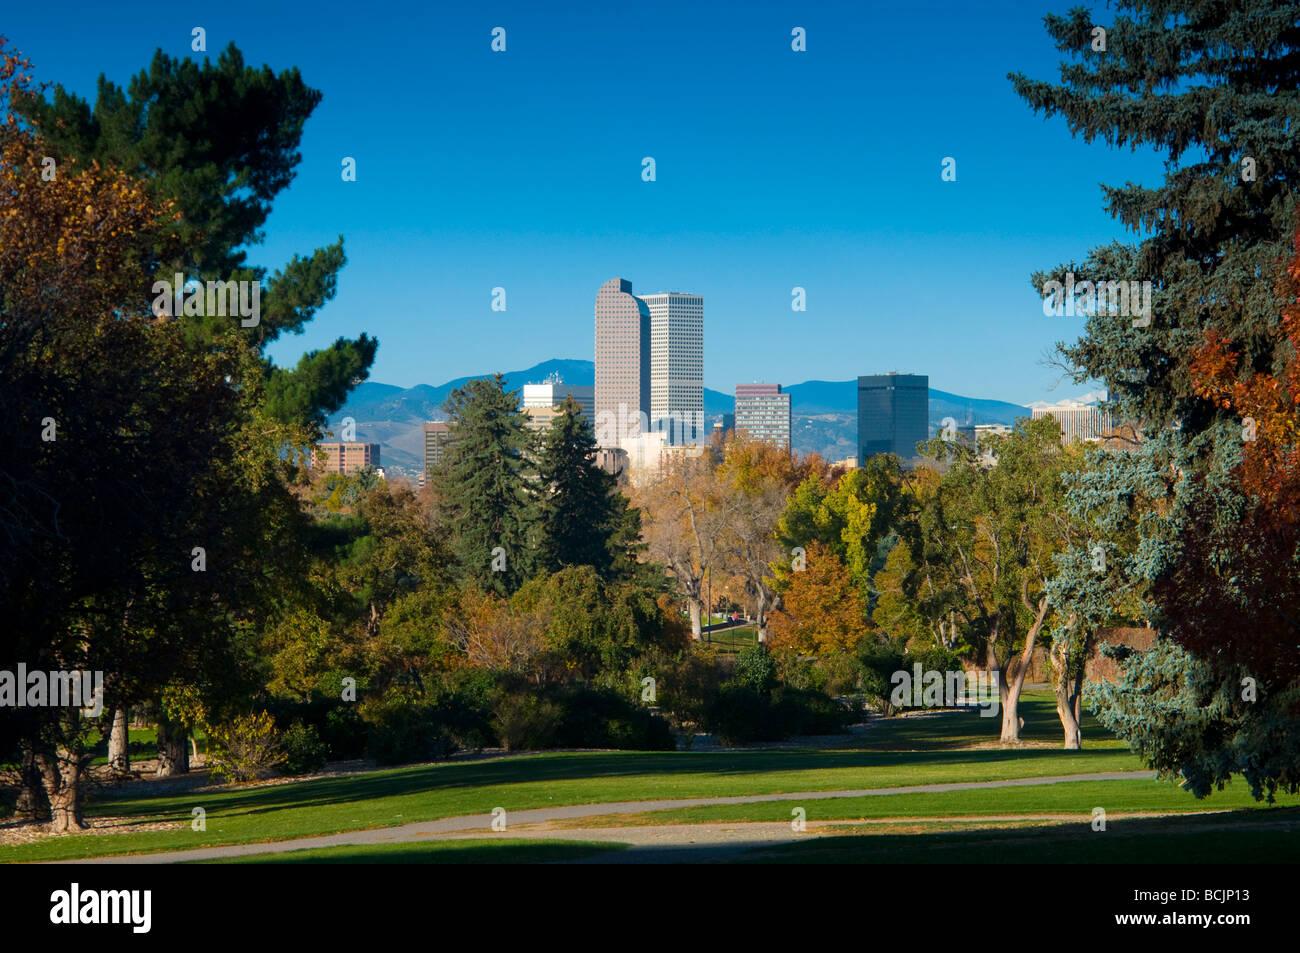 USA, Colorado, Denver, Skyline across the Denver City Park - Stock Image